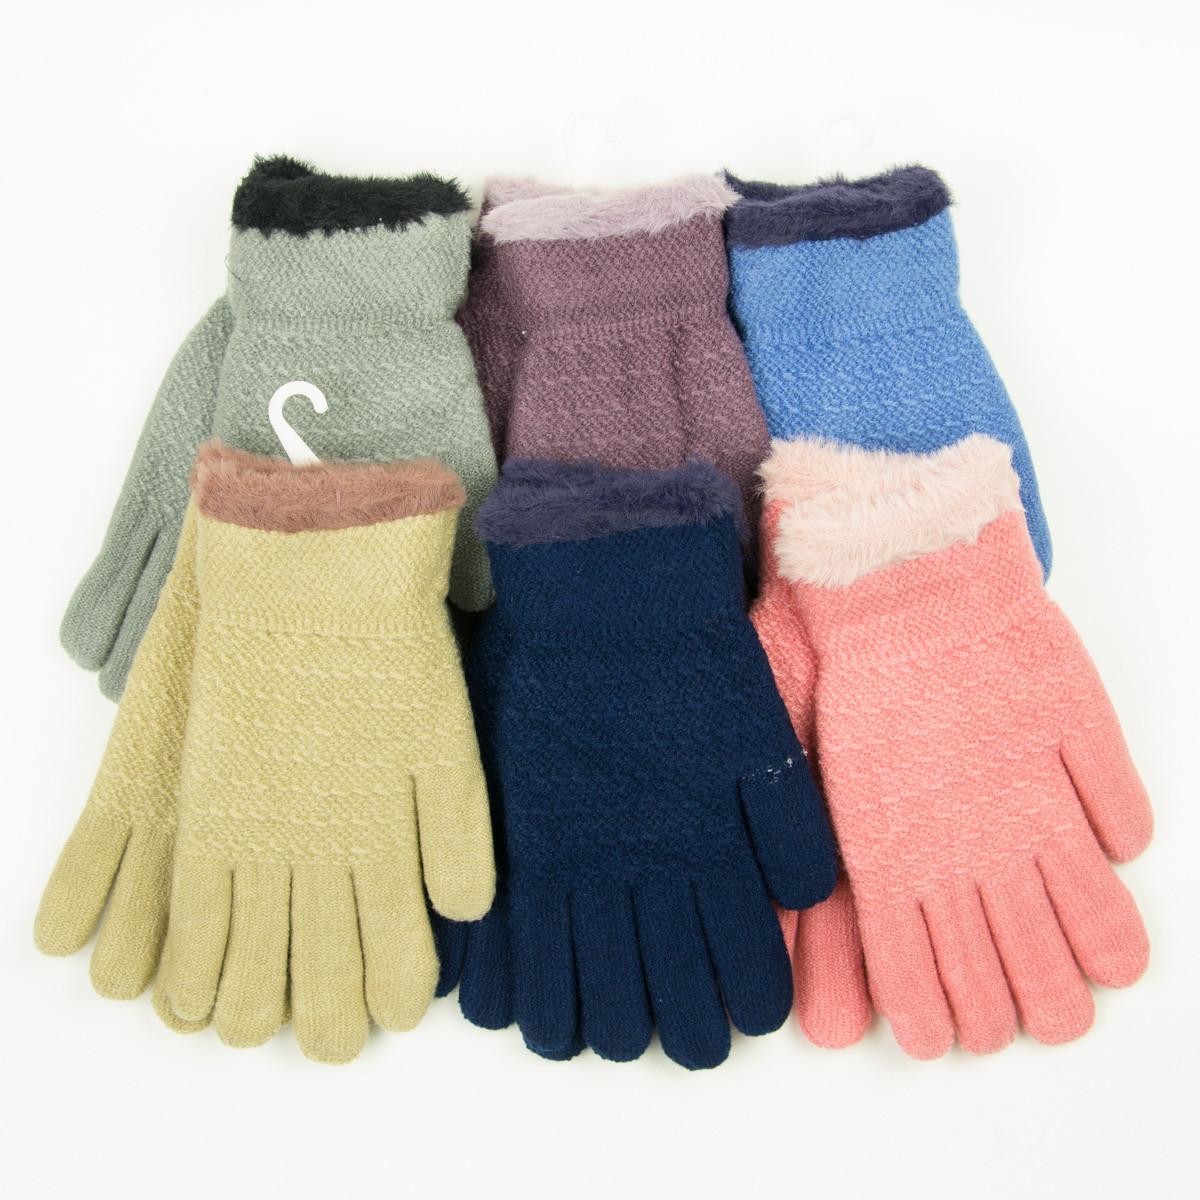 Оптом двойные перчатки для подростков на 12-16 лет - 19-7-58